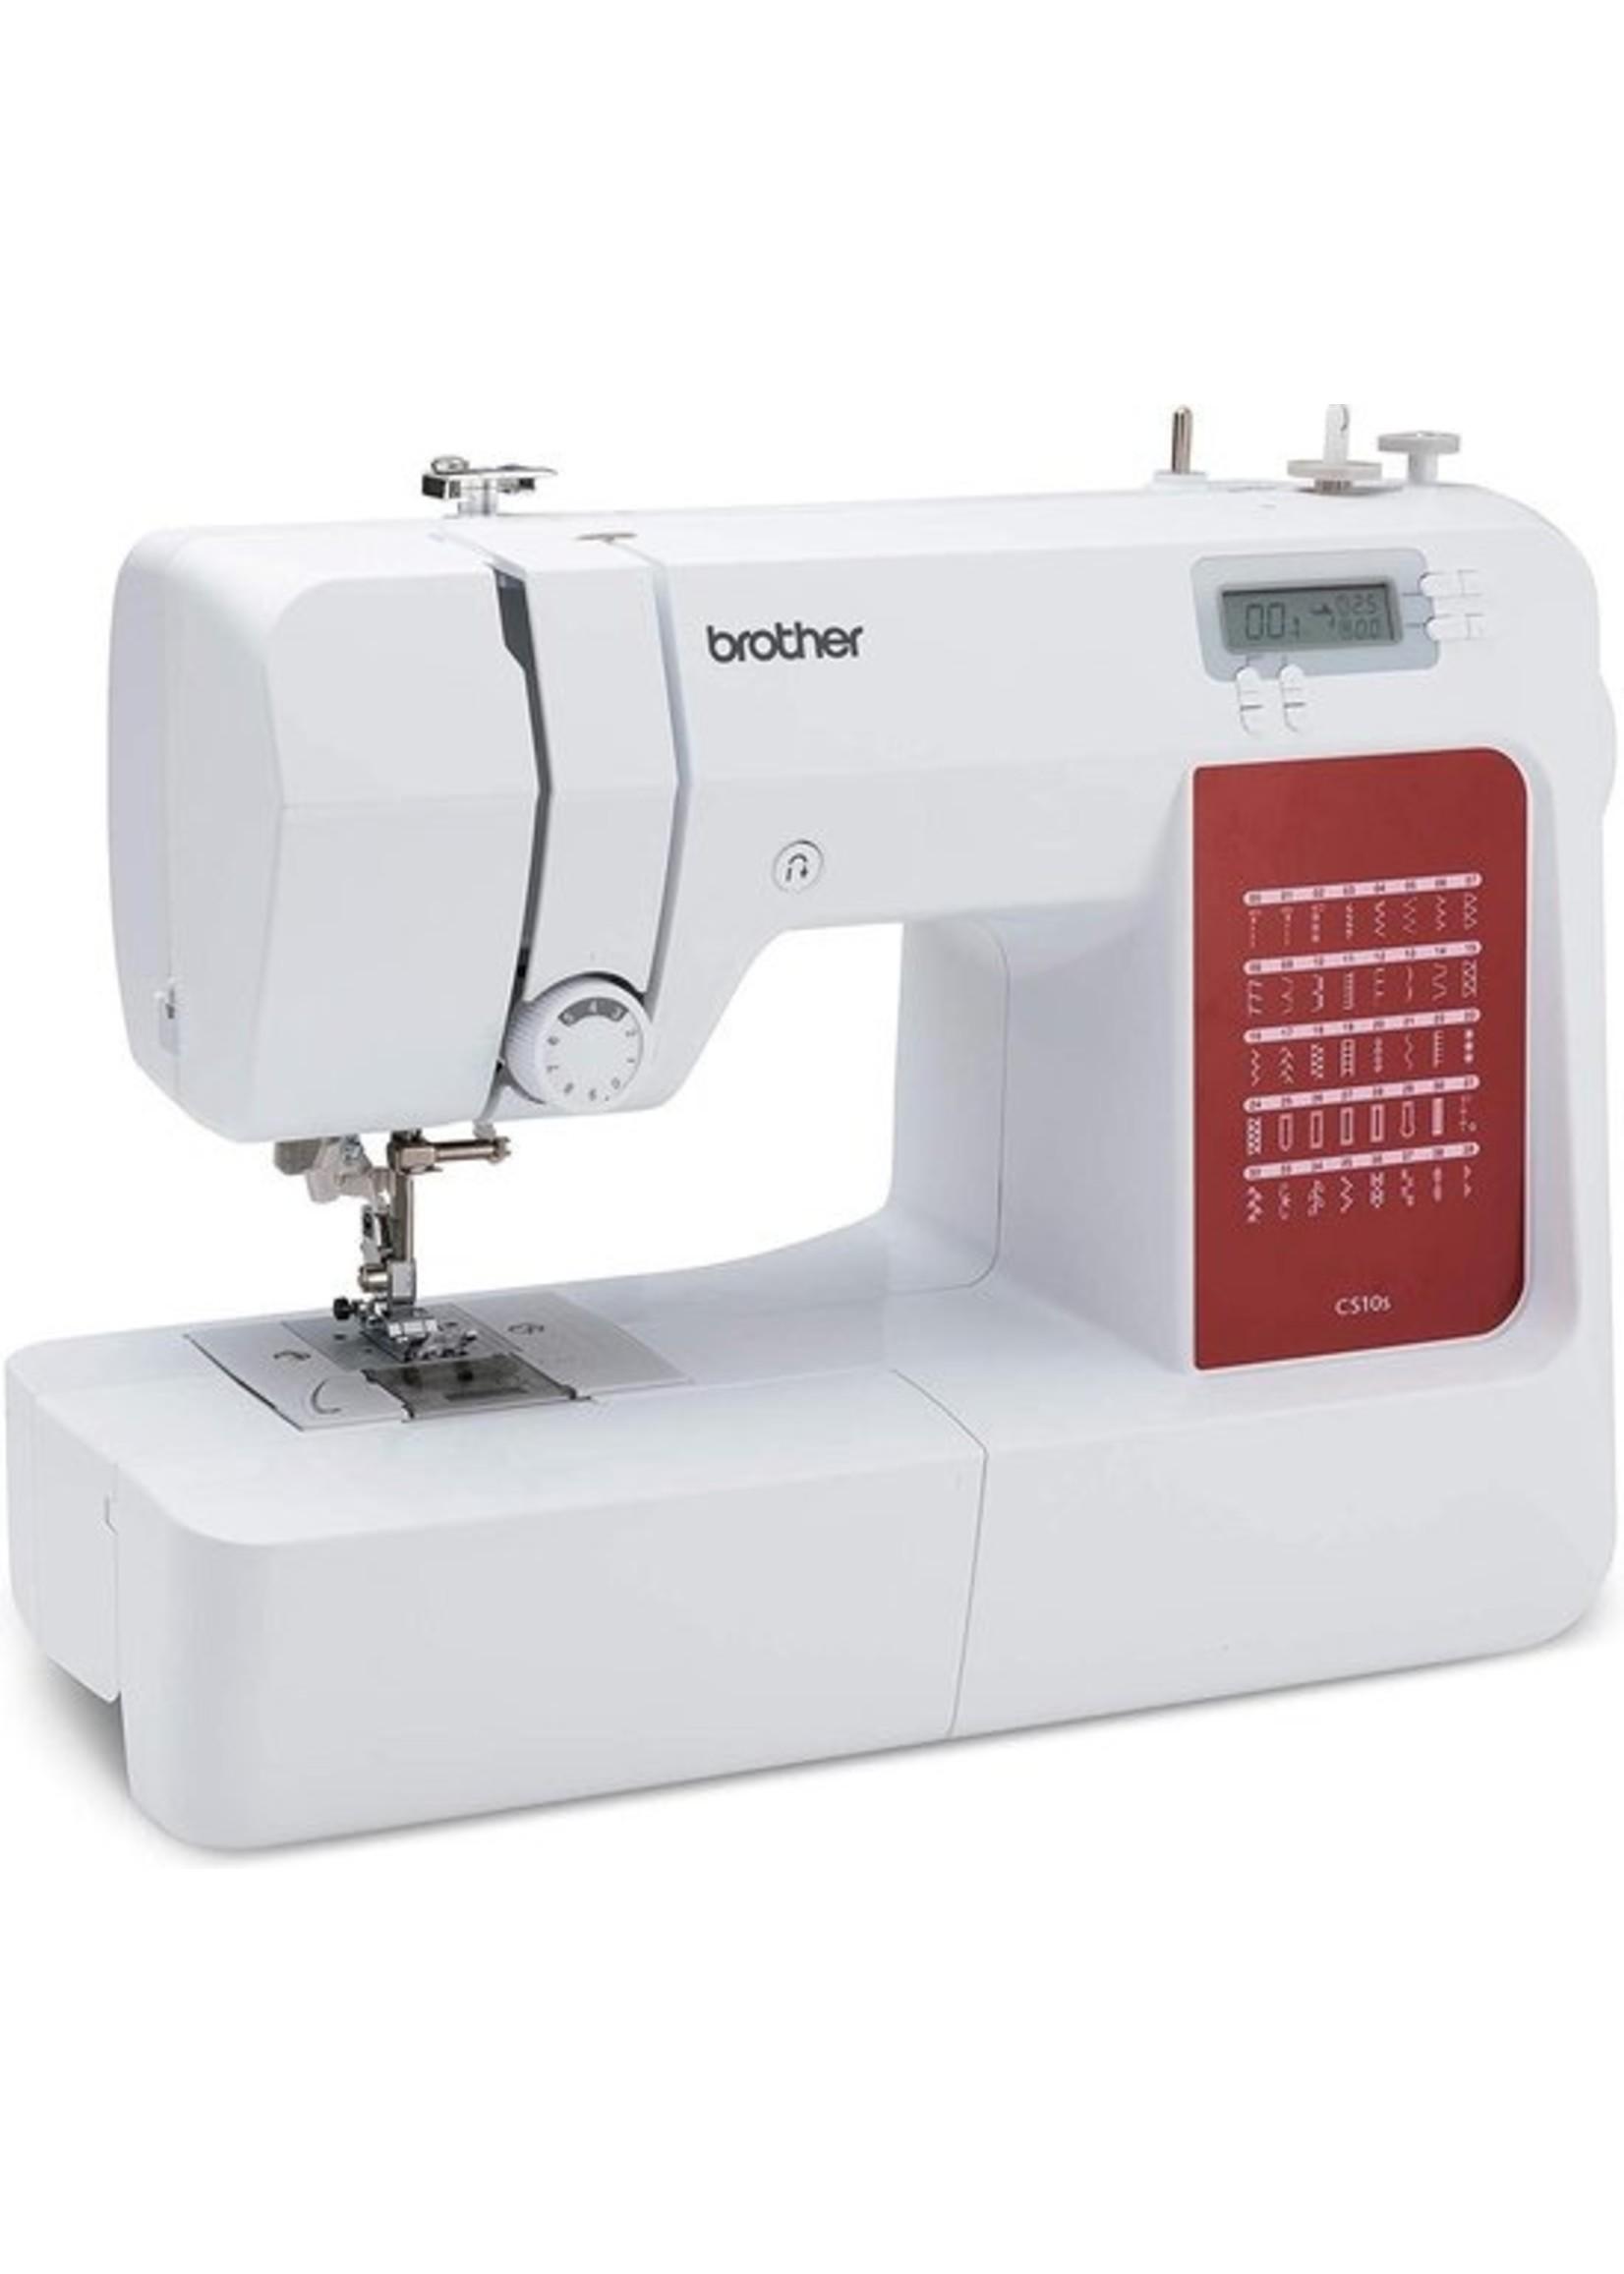 Brother Brother CS10s elektronische naaimachine